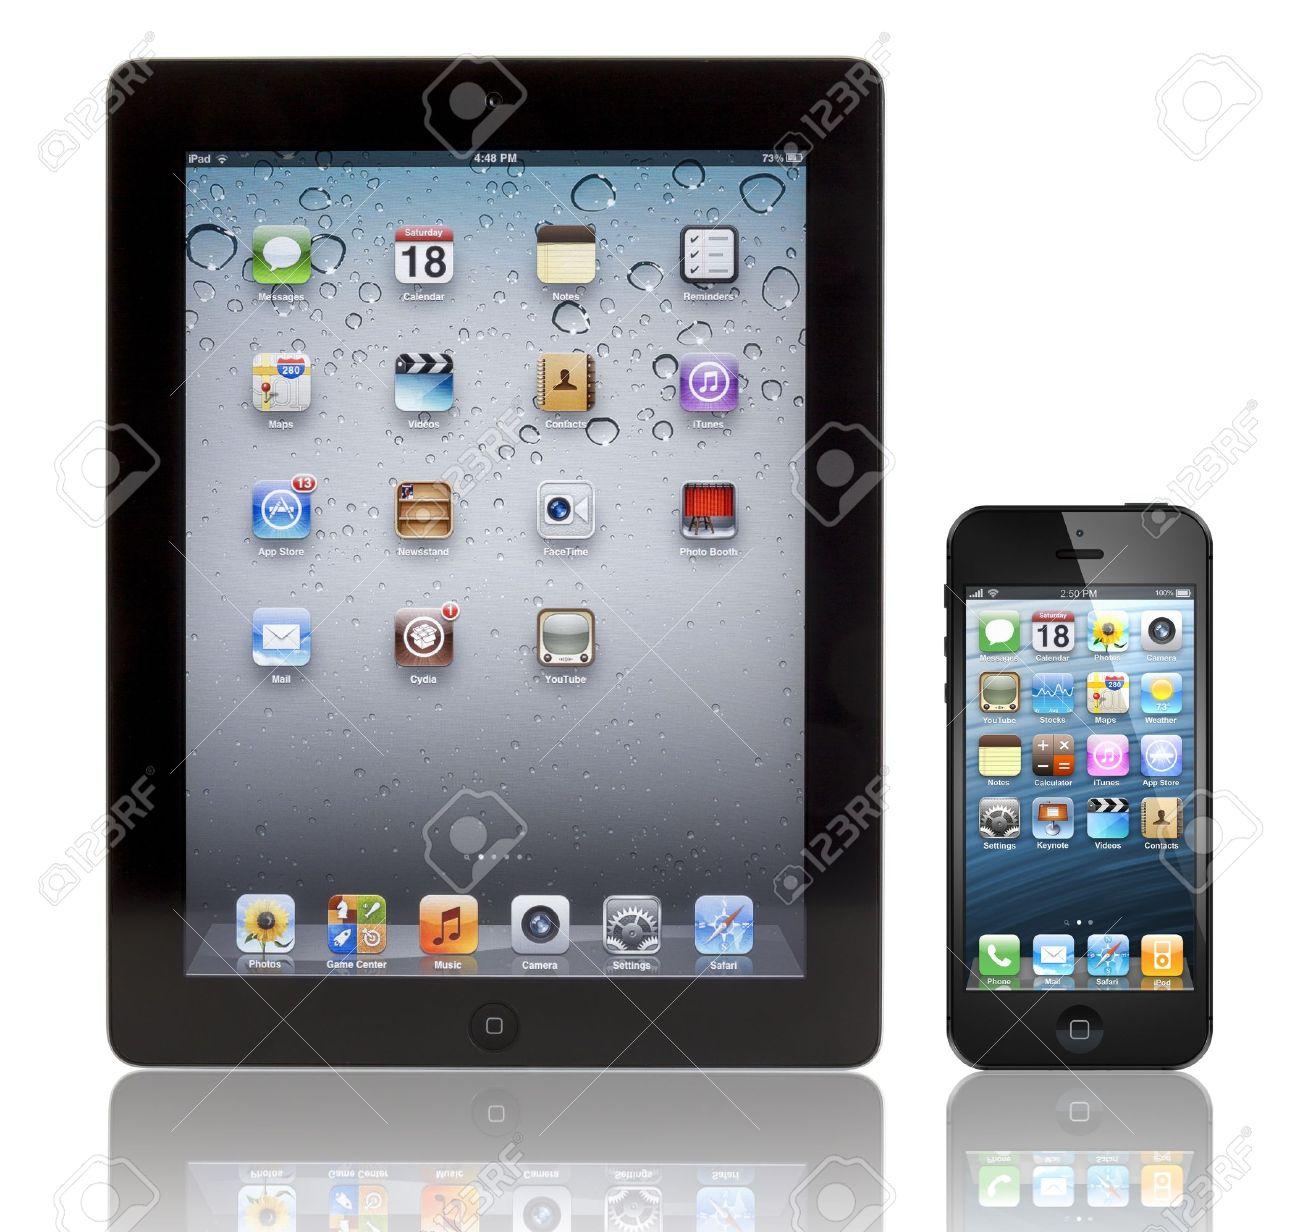 黒い Apple の Iphone 5 ブラック アップルのアプリ 3 タブレットの前